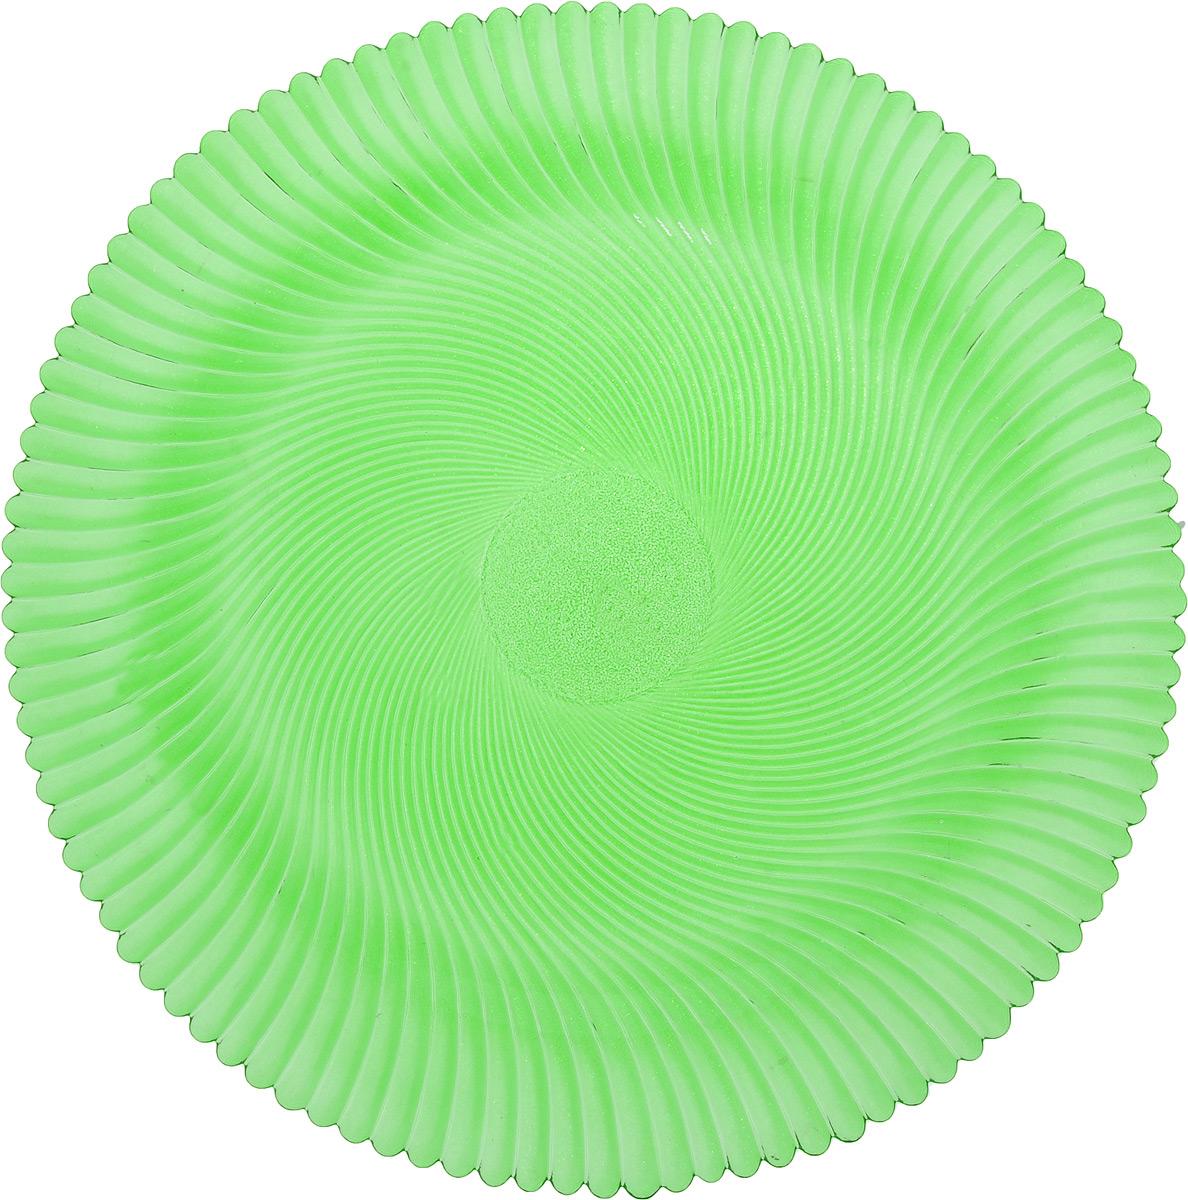 Блюдо NiNaGlass Альтера, цвет: зеленый, диаметр 32 смVT-1520(SR)Блюдо NiNaGlass Альтера, изготовленное из высококачественного стекла, имеет круглую форму и прекрасно подойдет для подачи нарезок, закусок и других блюд. Внешняя стенка изделия имеет рельефную форму. Такое блюдо украсит сервировку вашего стола и подчеркнет прекрасный вкус хозяйки.Диаметр блюда (по верхнему краю): 32 см.Высота блюда: 2 см.